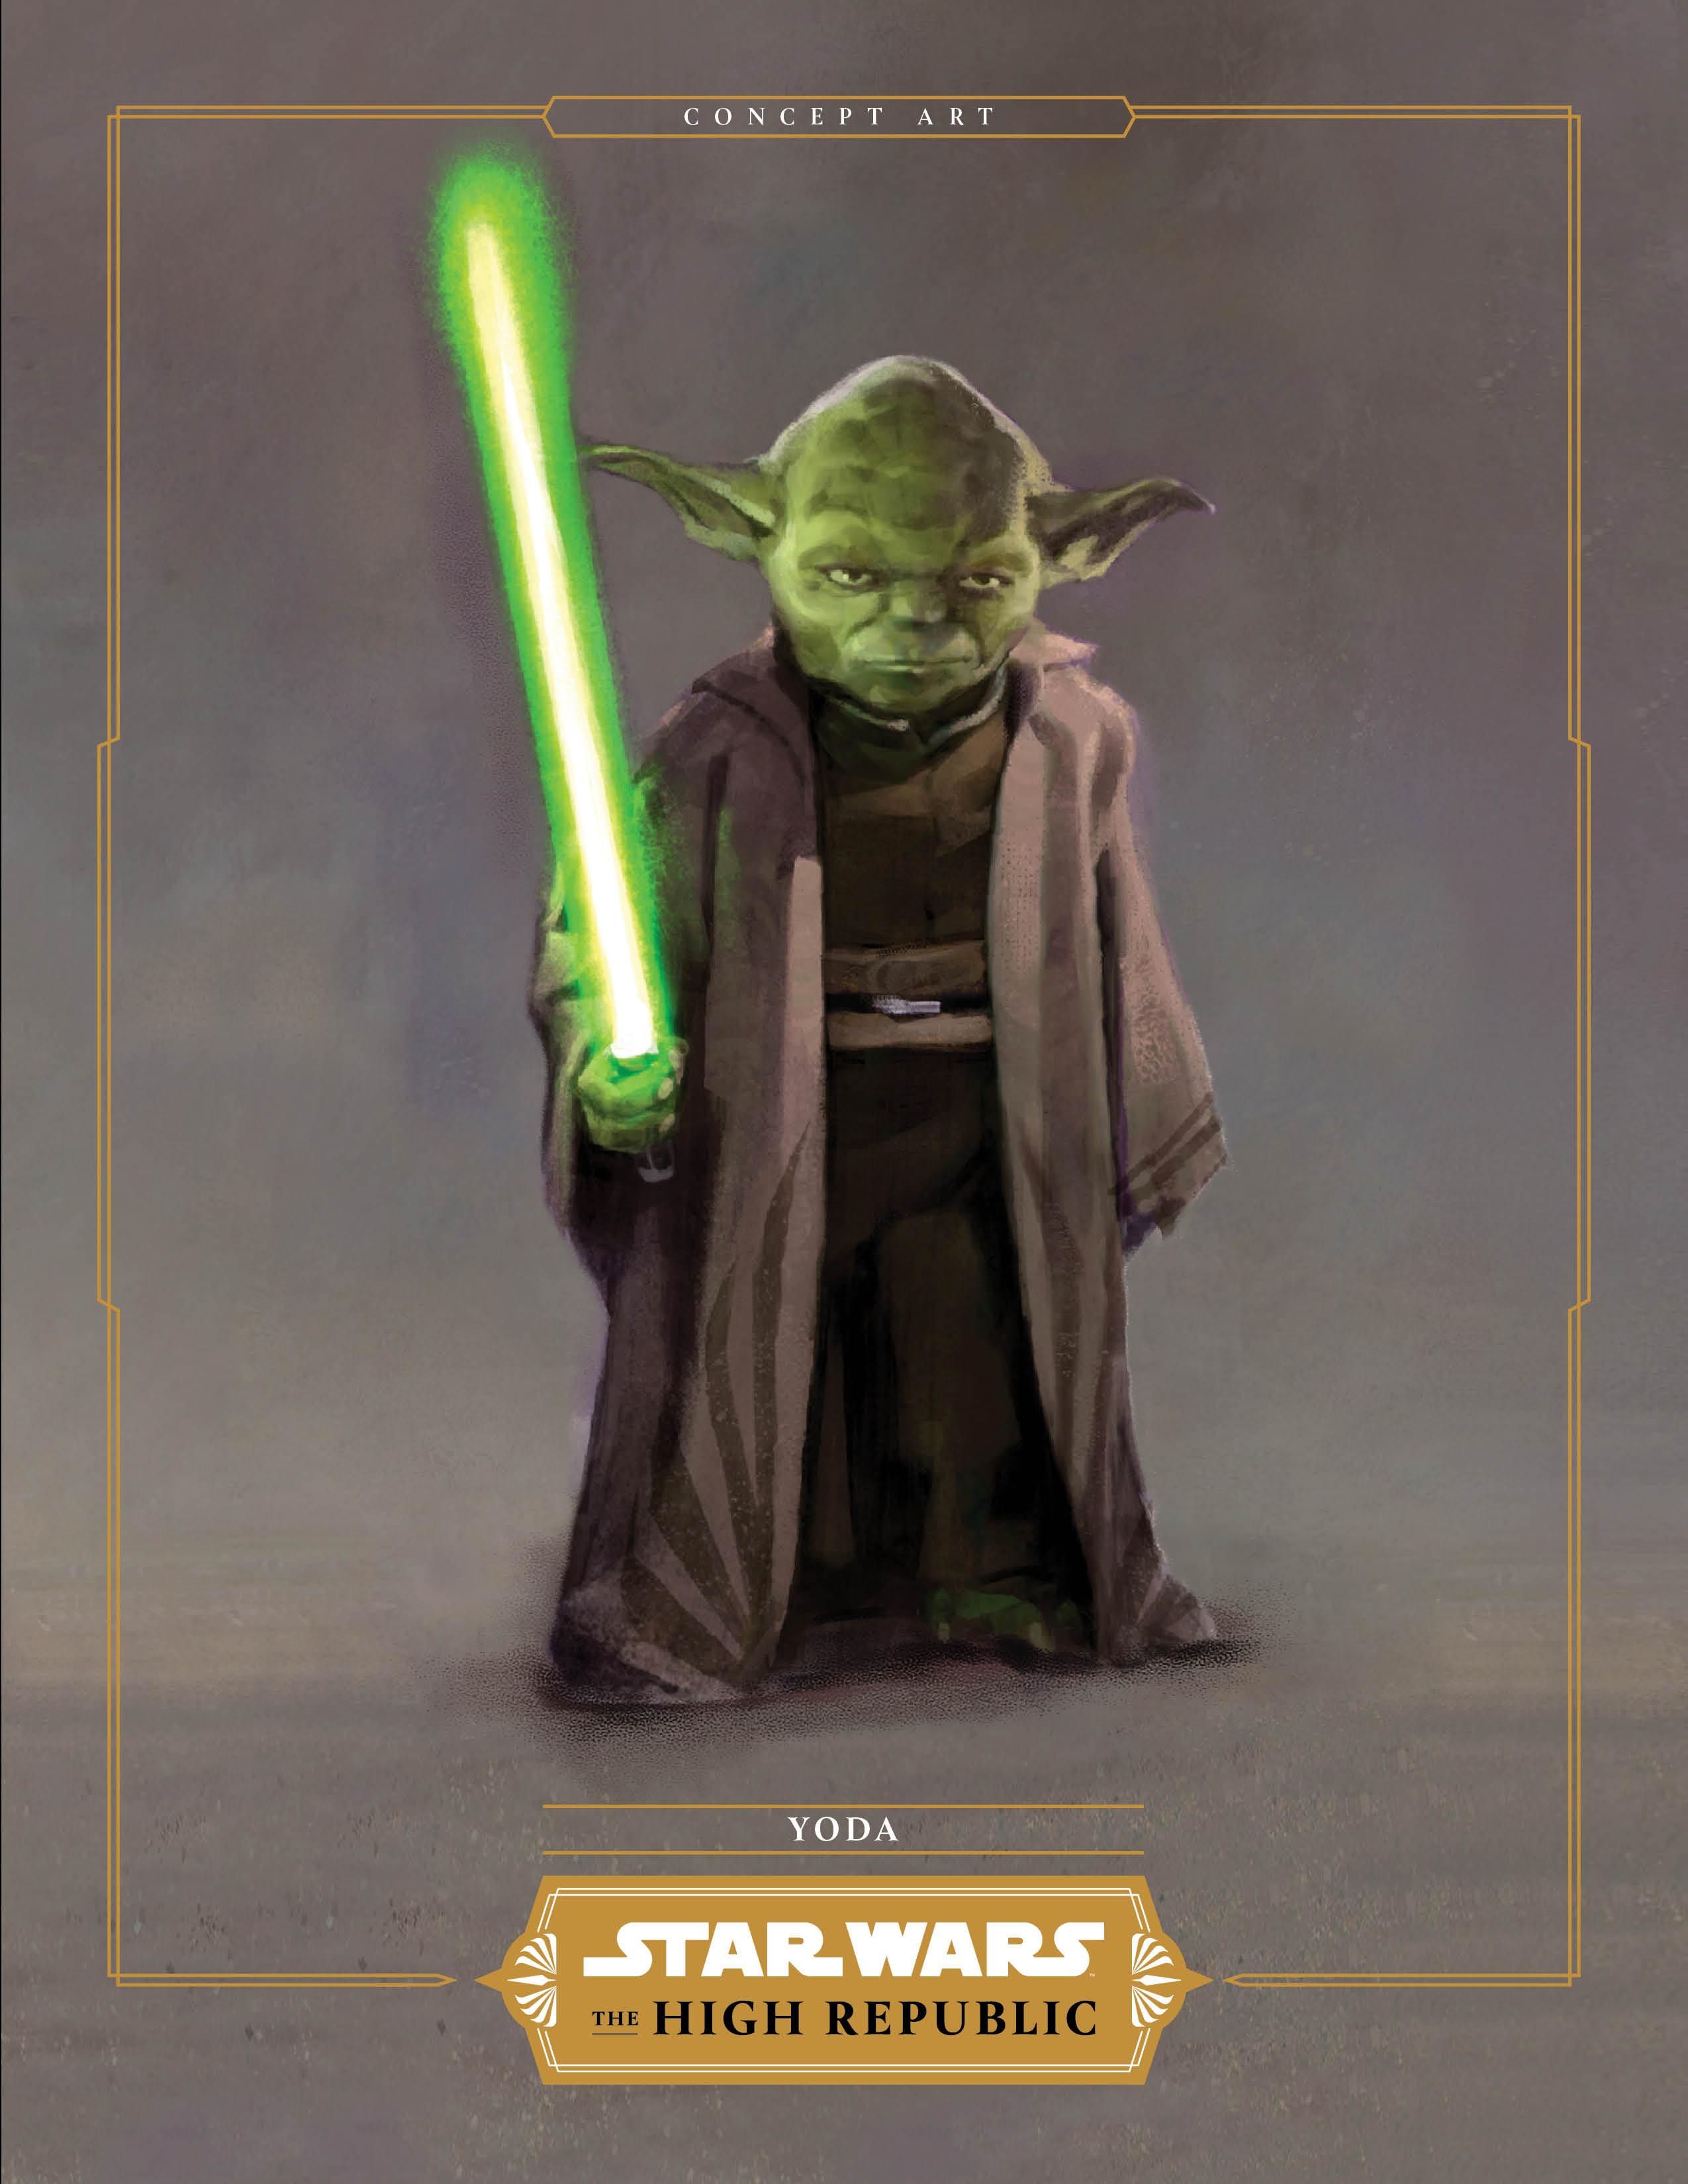 Yoda in the High REpublic concept art